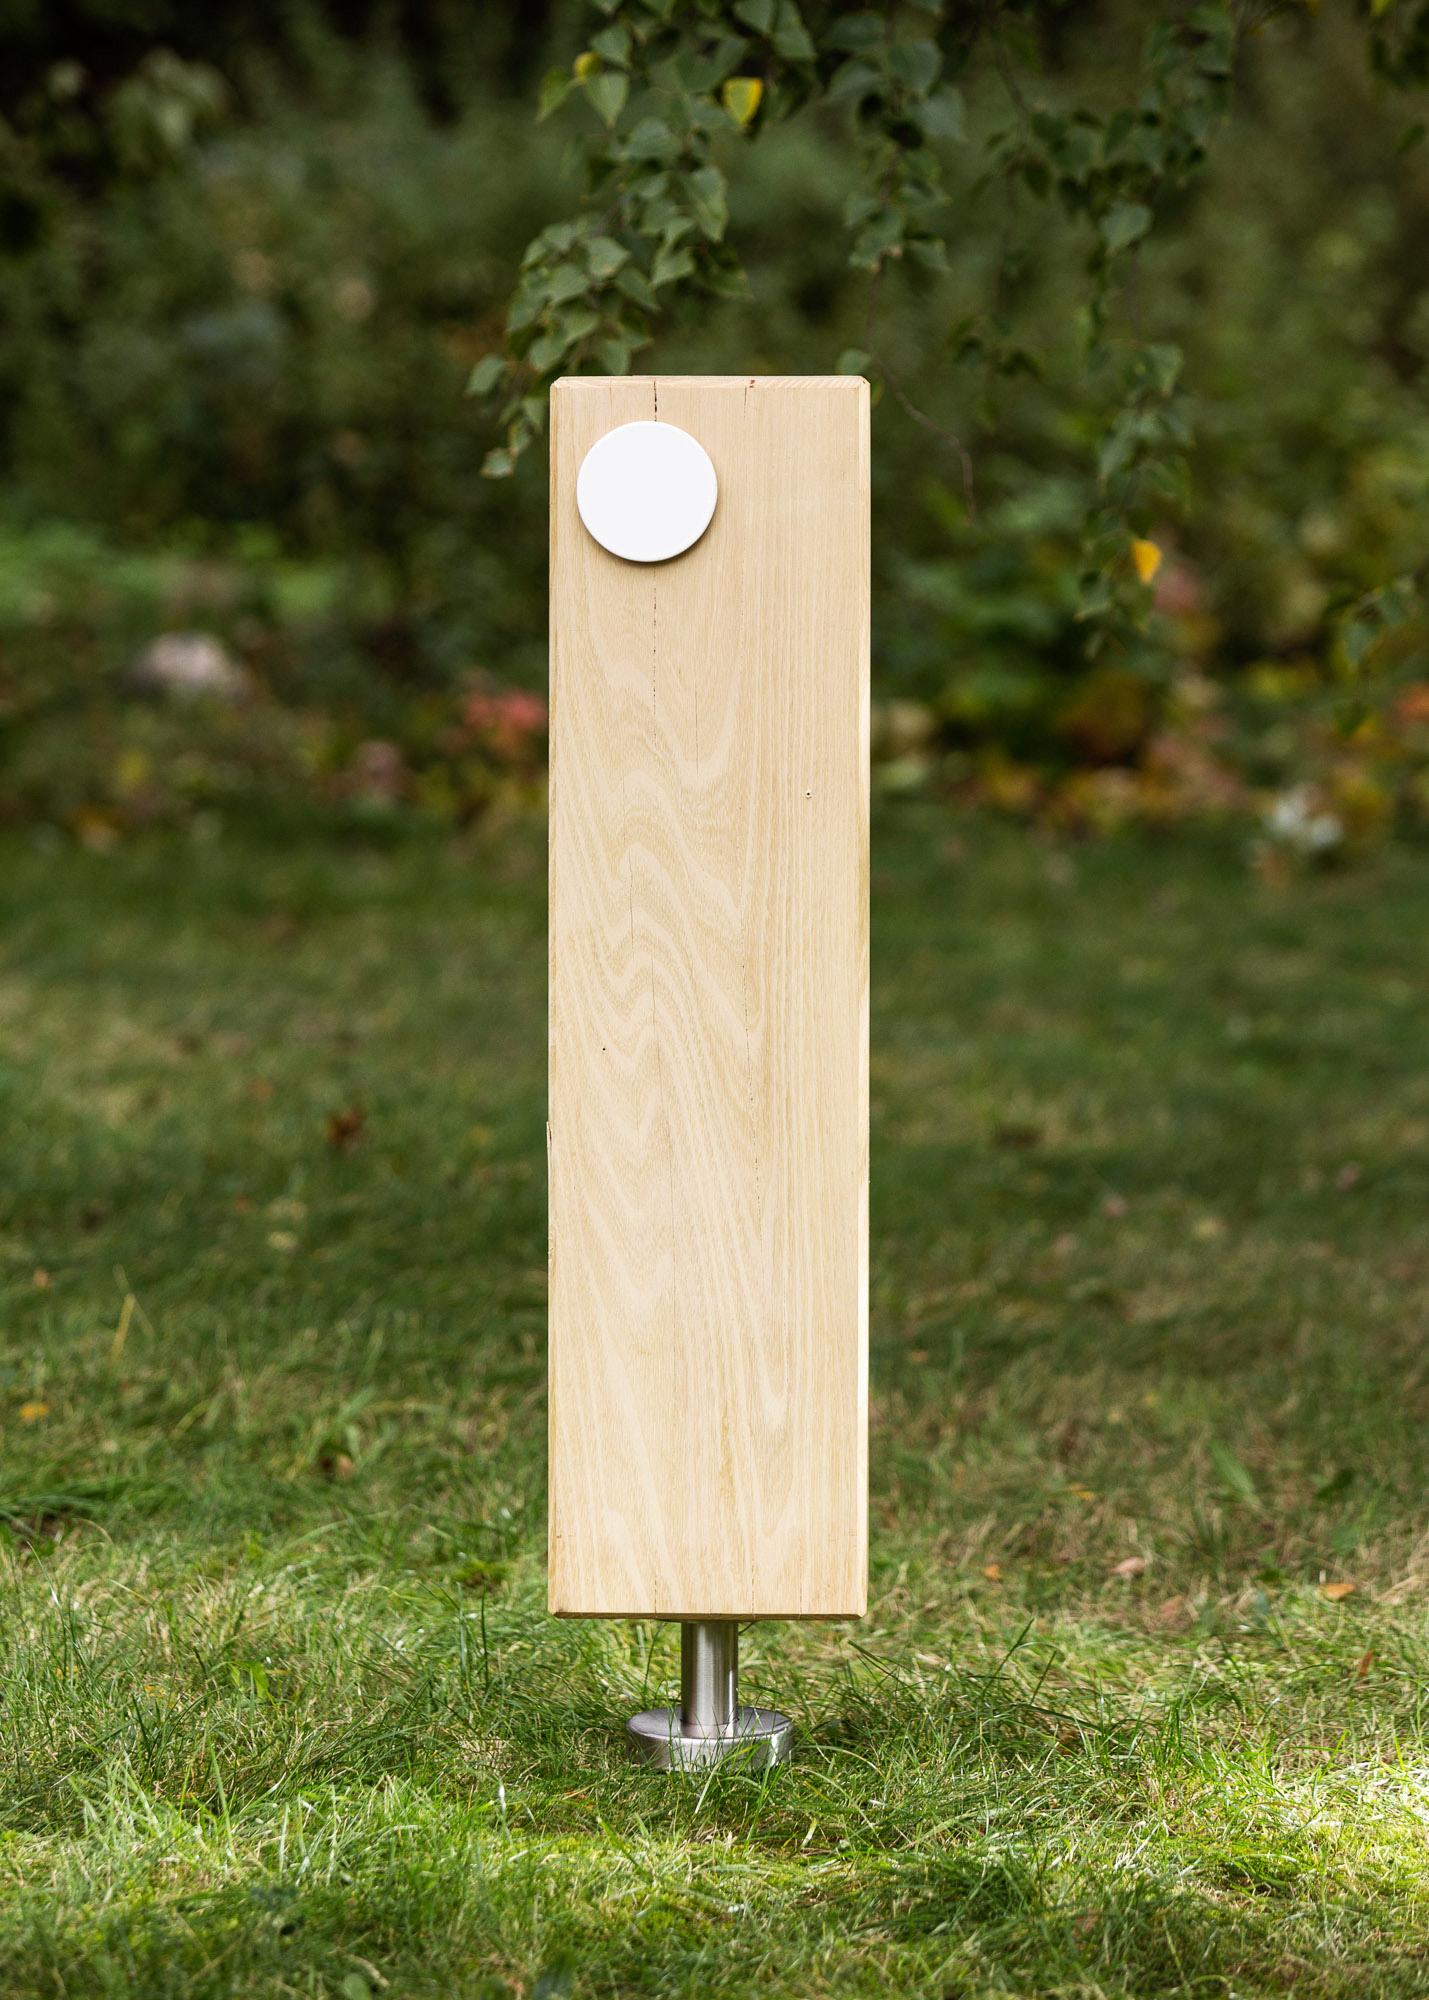 Grabmal aus Holz - Holzblock als Stele mit kleinem Emailleschild